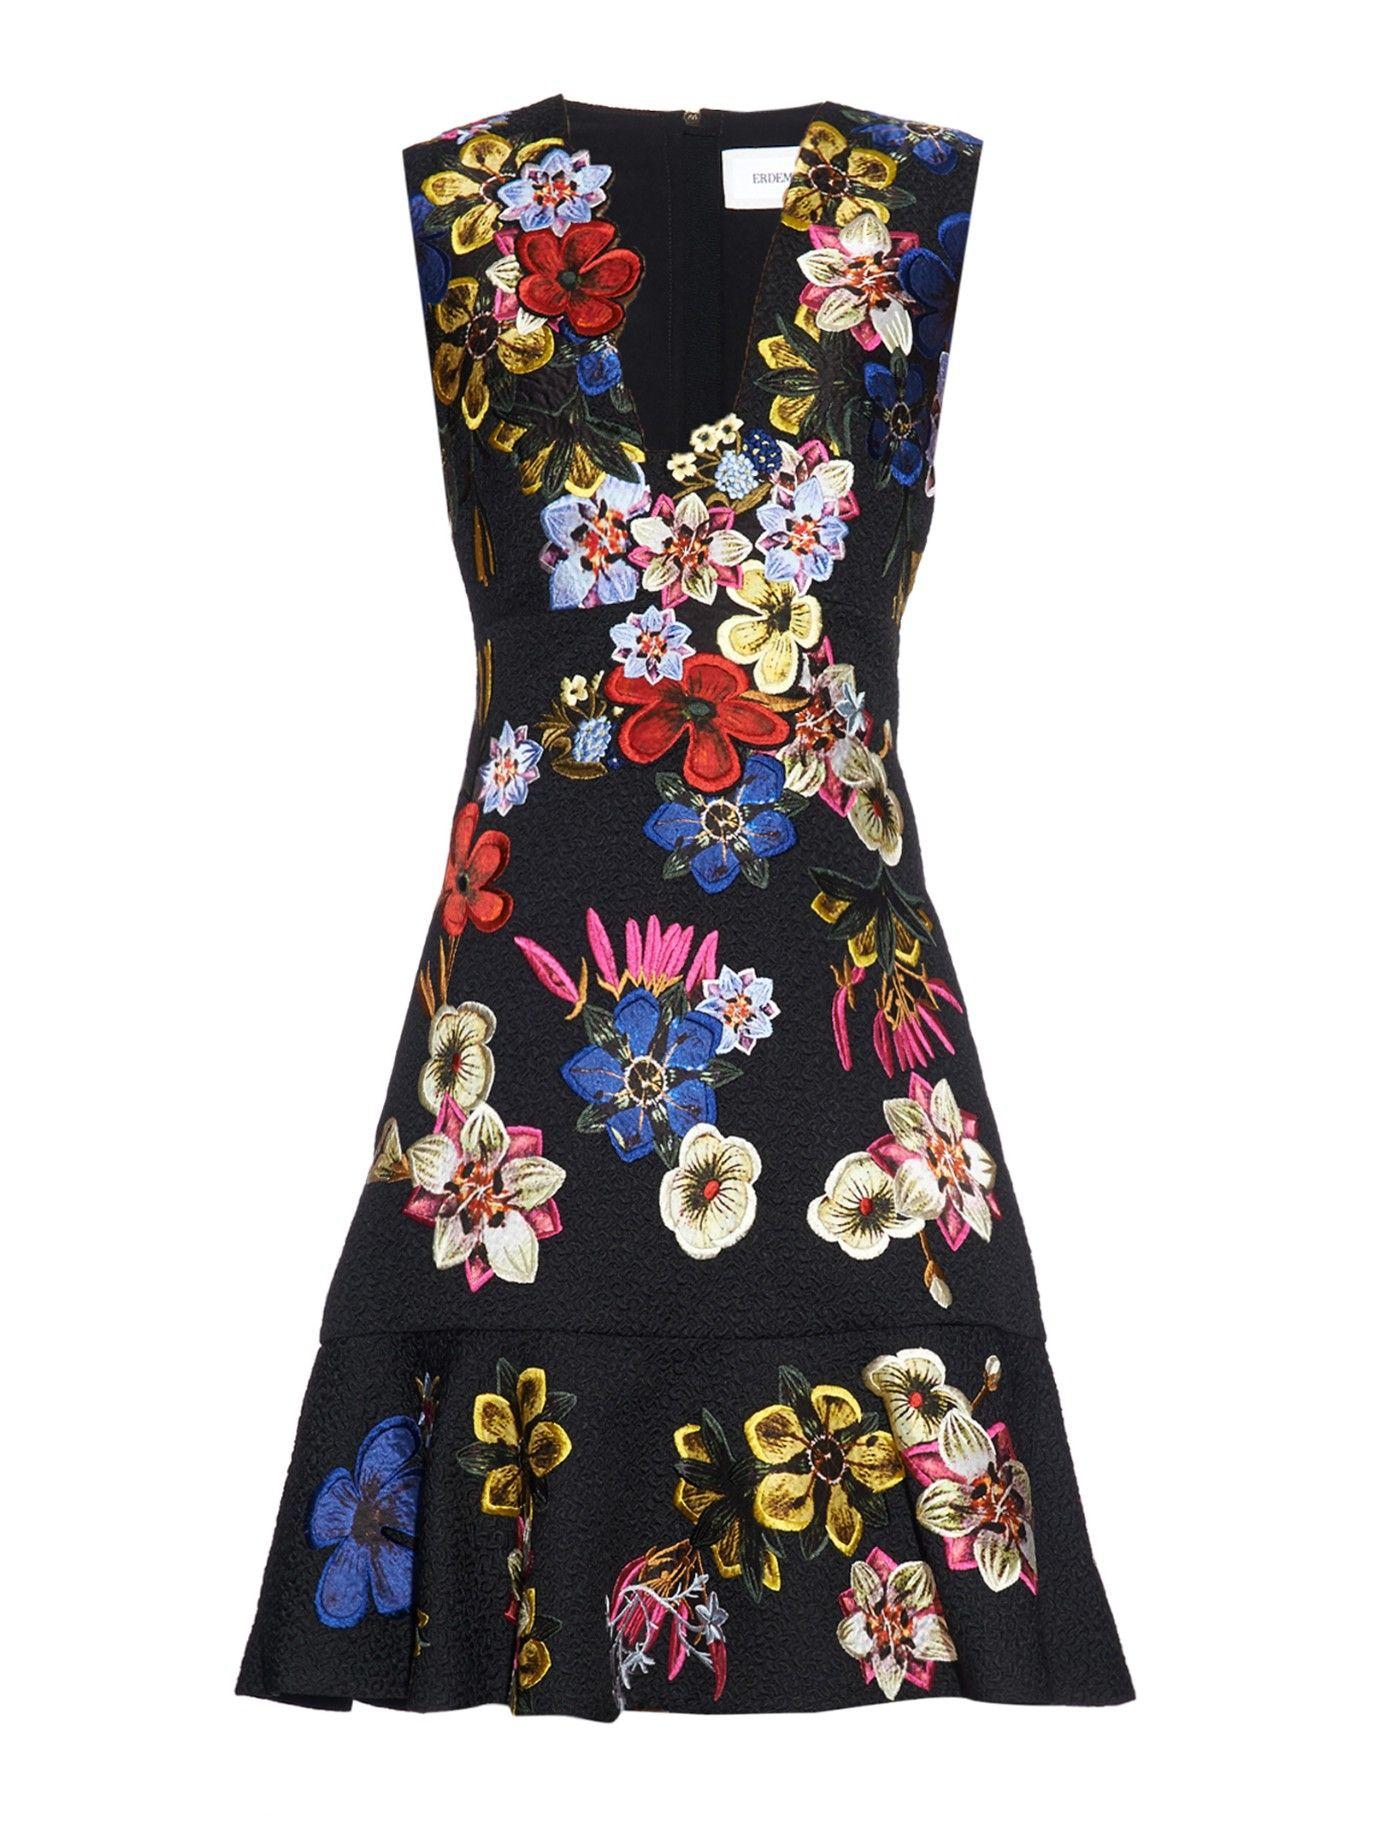 Black Floral Embroidered Dress Floral Embroidered Dress Midi Dress Sleeveless Embroidered Dress [ 1846 x 1385 Pixel ]